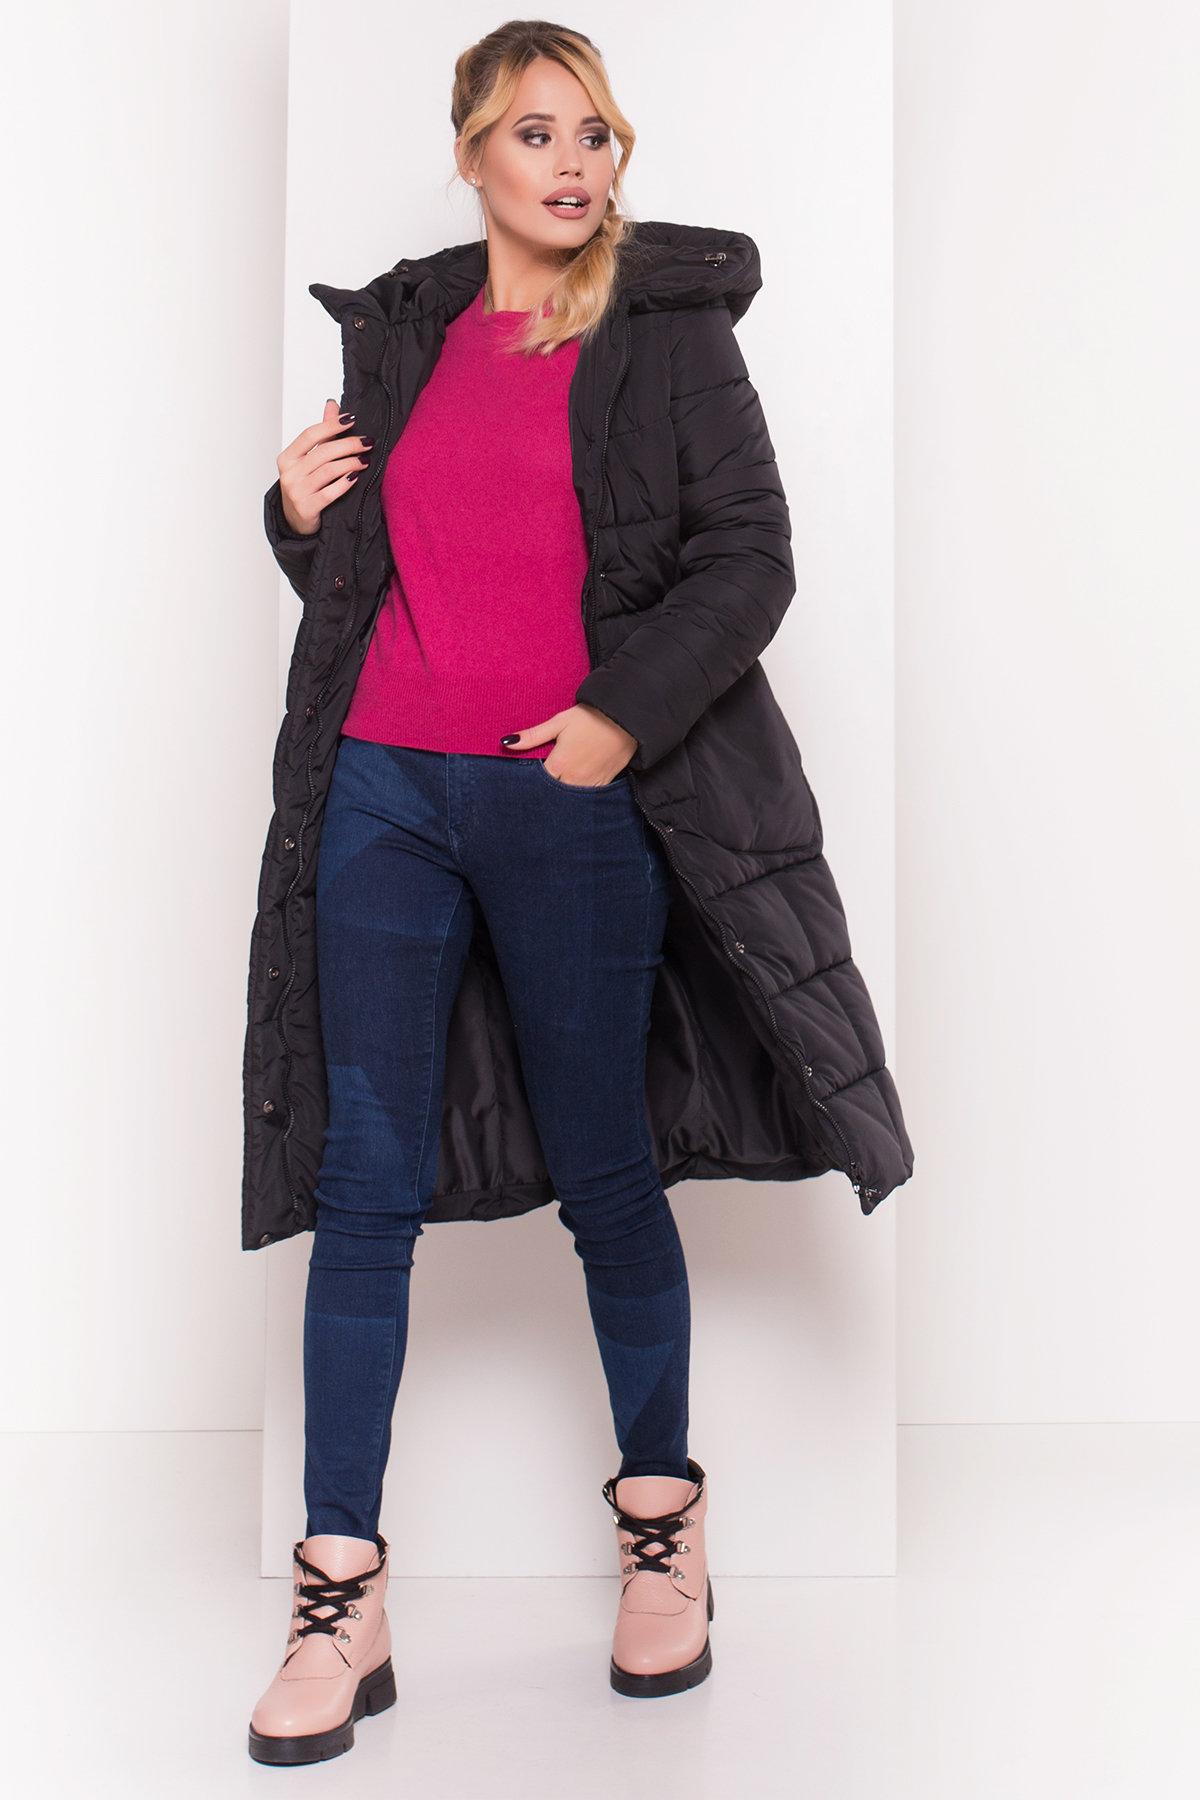 Пуховик-пальто с поясом Жако 5540 АРТ. 37335 Цвет: Черный - фото 3, интернет магазин tm-modus.ru